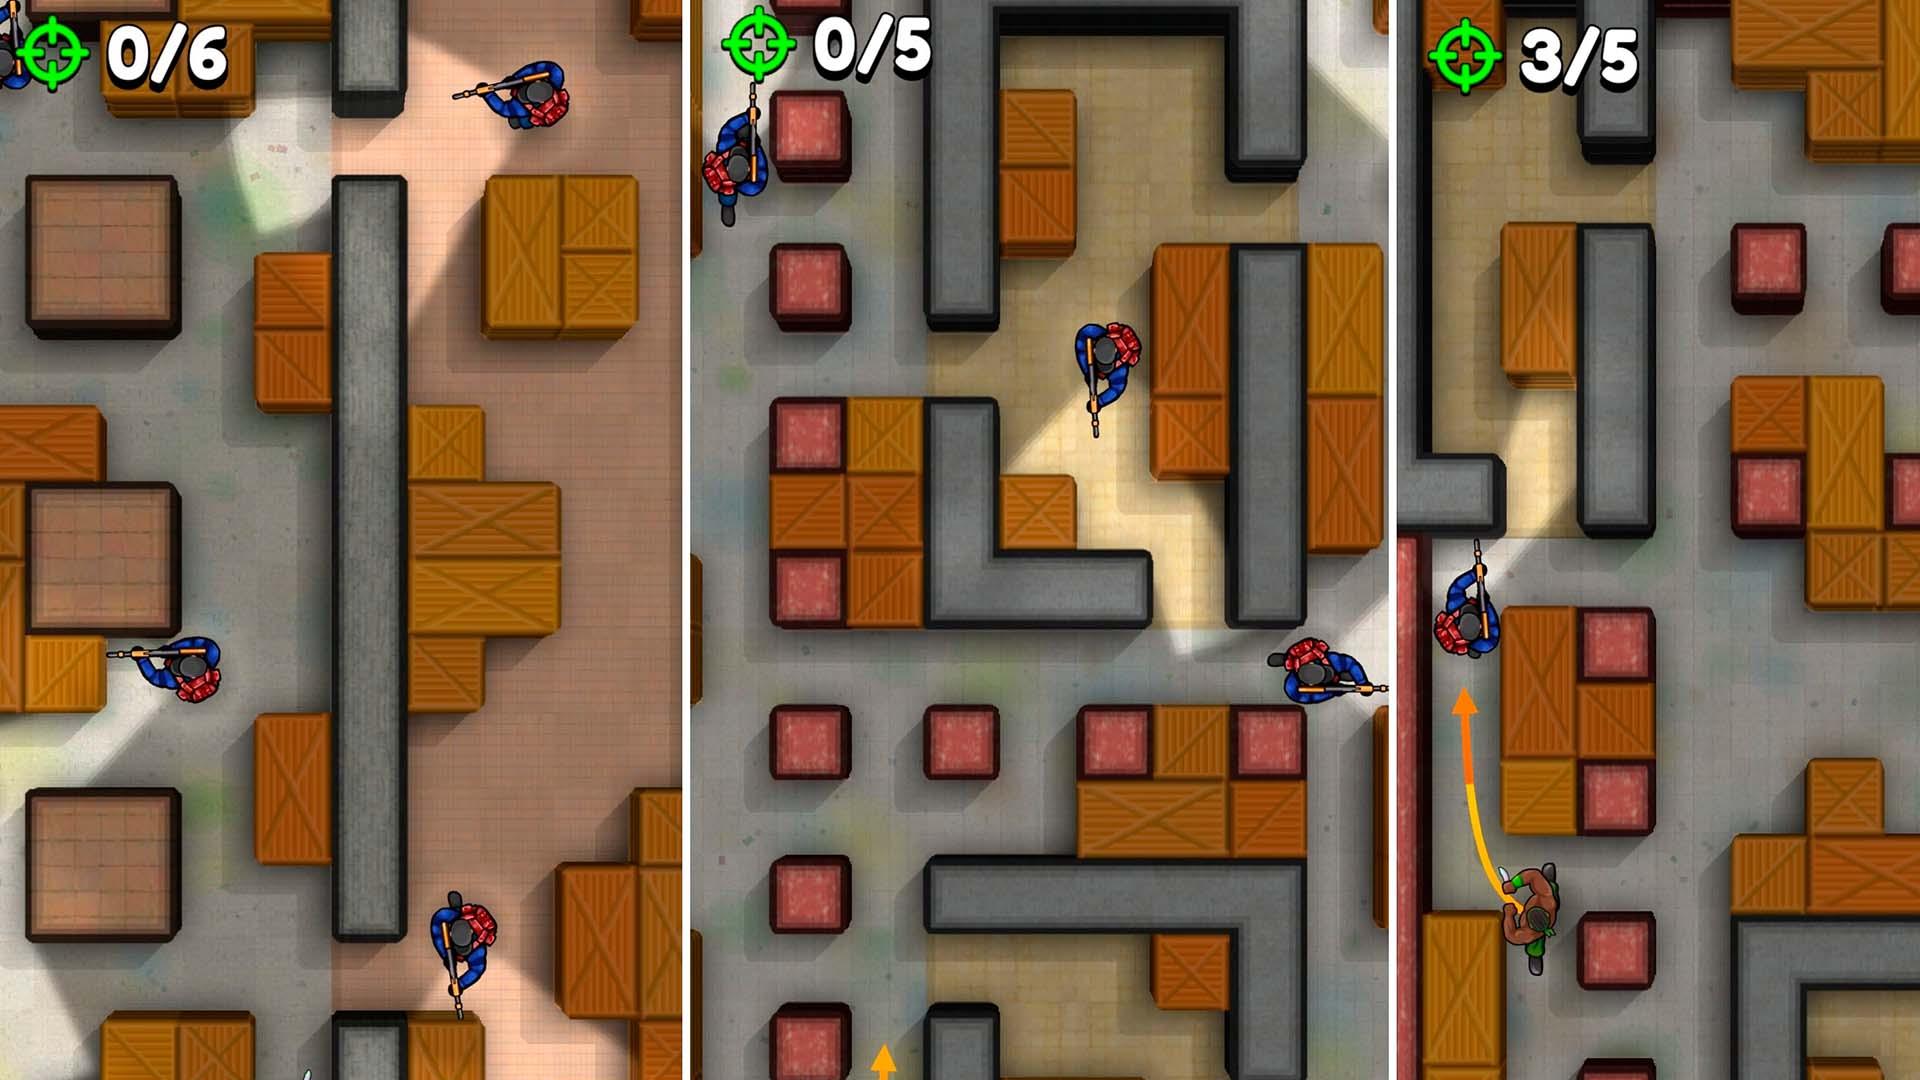 jogos de celular mais baixados iphone